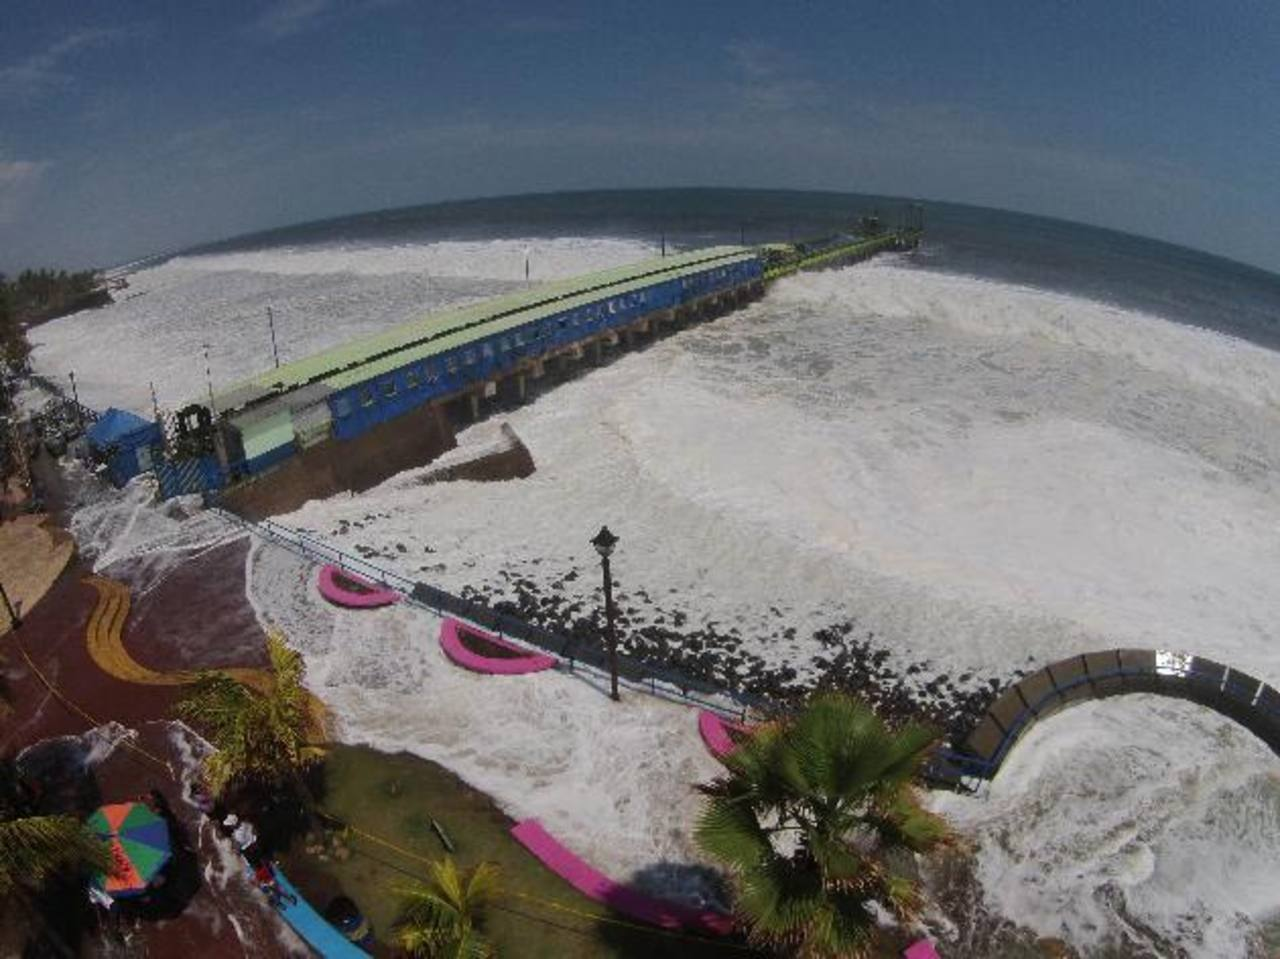 El 2 de mayo la costa salvadoreña fue impactada por olas de entre 2 y 3 metros de altura y velocidades de entre 50 y 70 kilómetros por hora. Foto EDH / Archivo